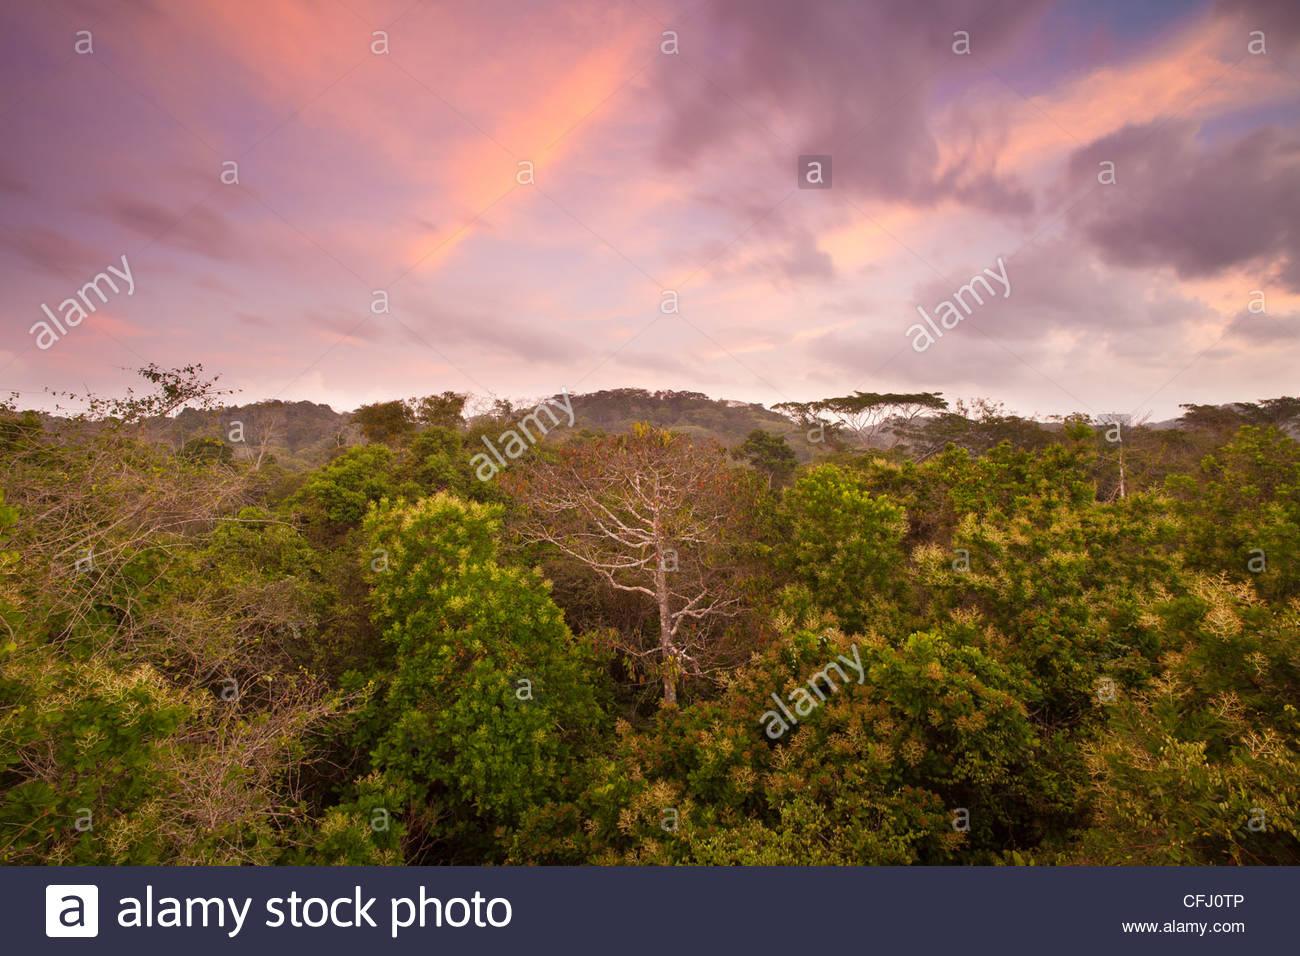 Alvorada na floresta tropical do parque nacional Ia Soberania, República do Panamá. Imagens de Stock